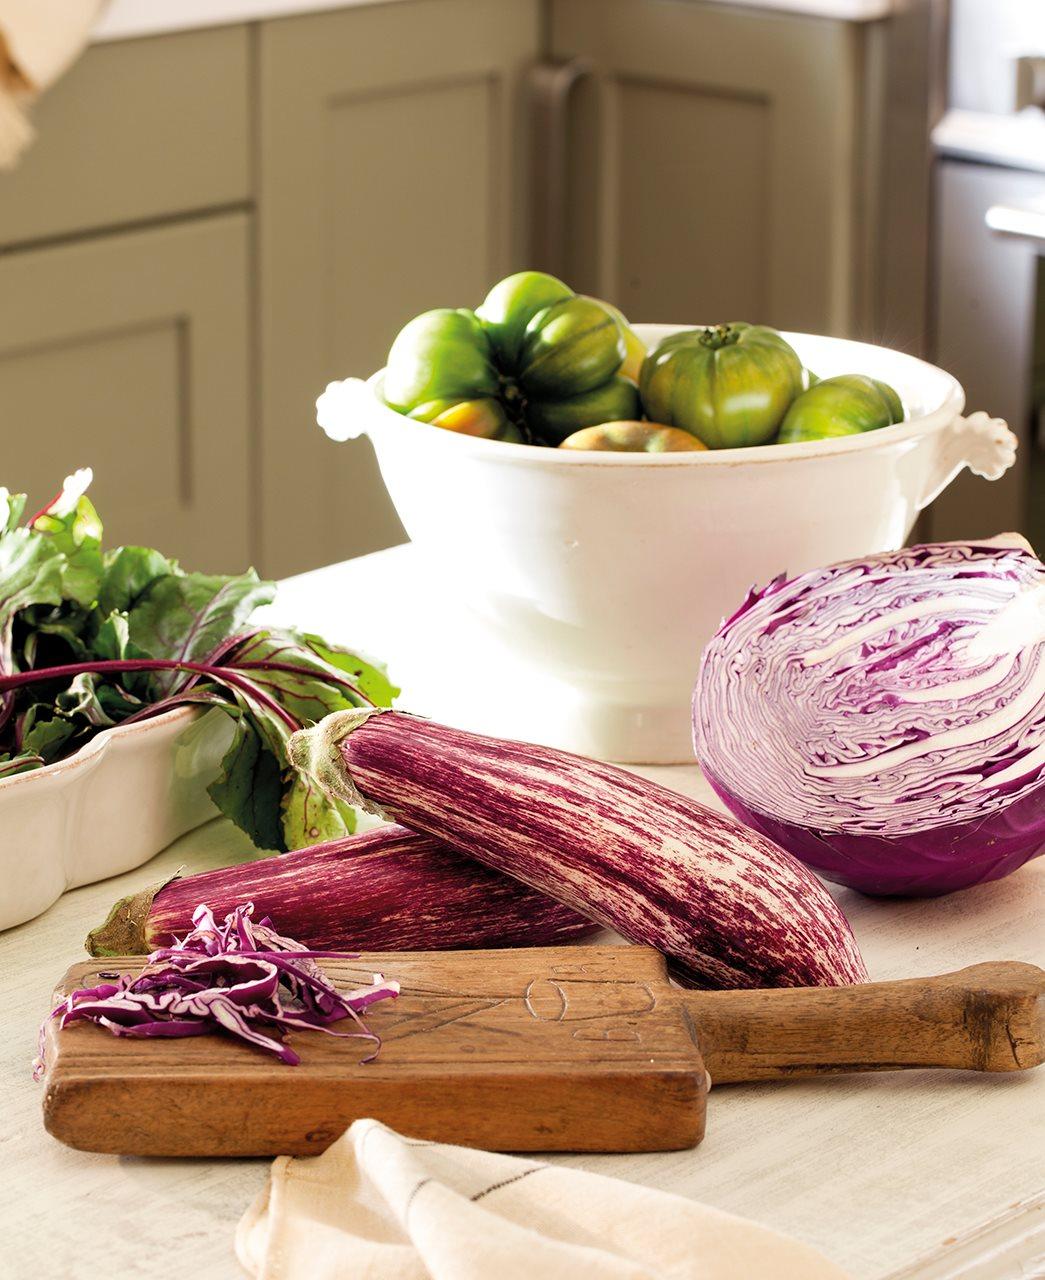 овощи на кухоном столе